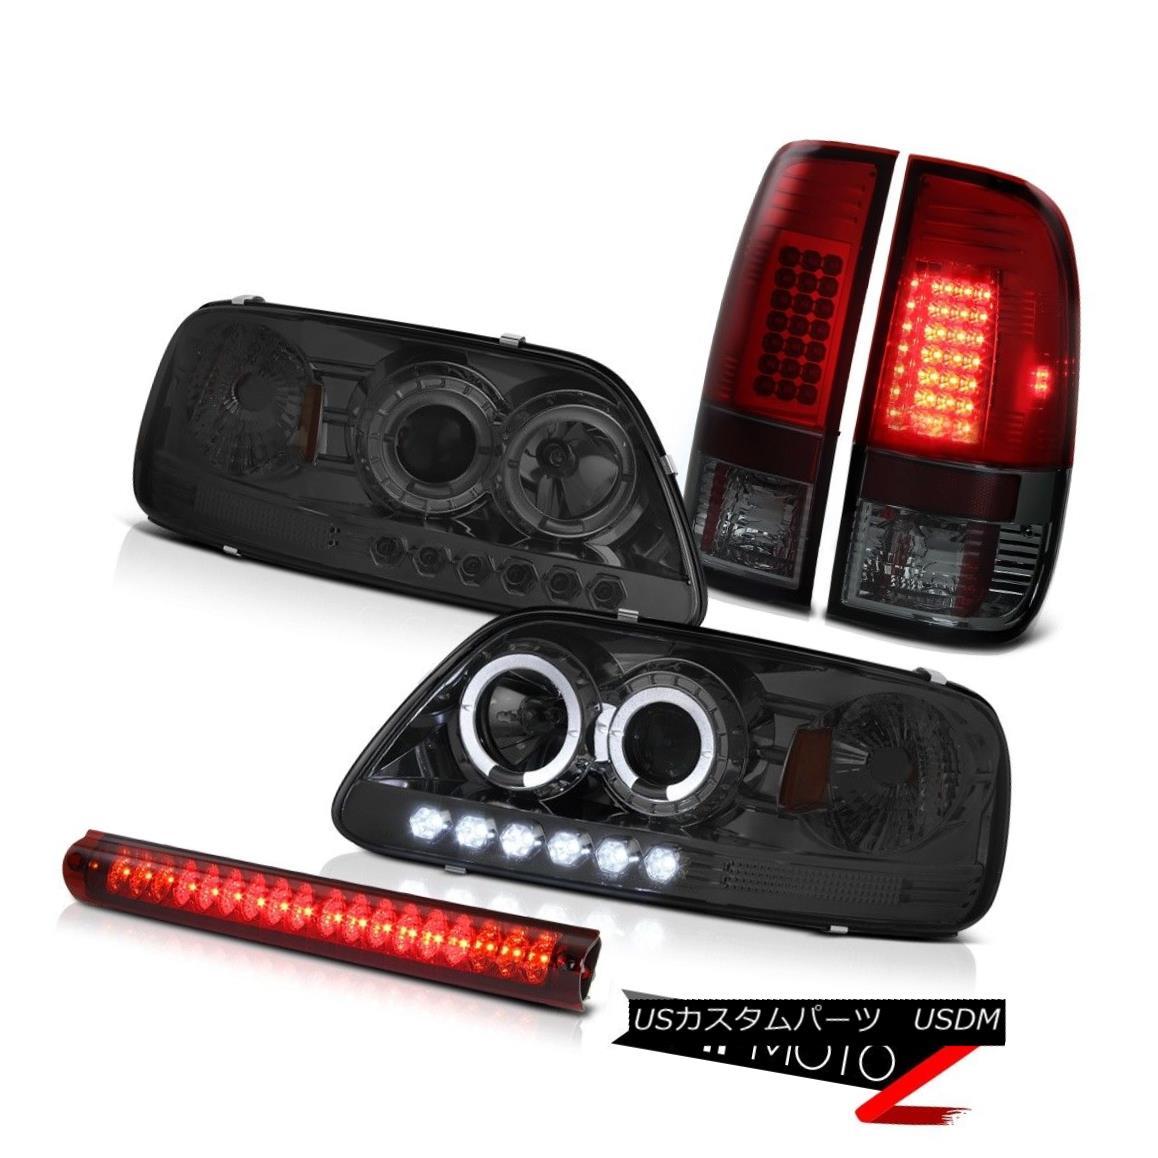 ヘッドライト Halo Projector Smoke Headlight 97-03 F150 SVT Burgundy LED Taillight Brake Bulbs ハロープロジェクター煙ヘッドライト97-03 F150 SVTブルゴーニュLED迷路ブレーキバルブ